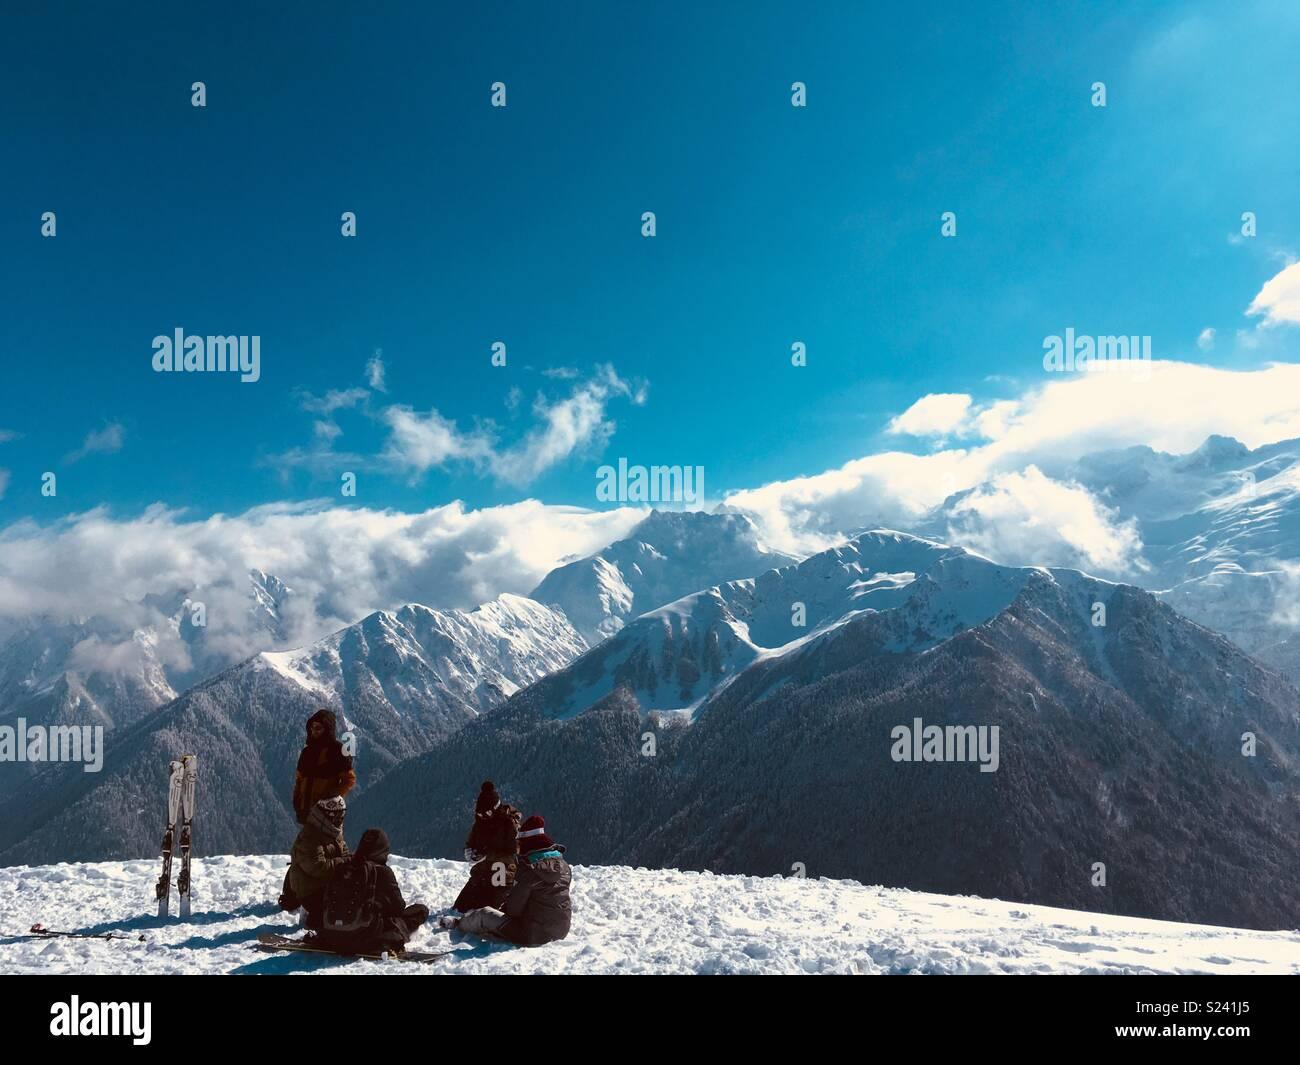 Skiiers taking a break - Stock Image